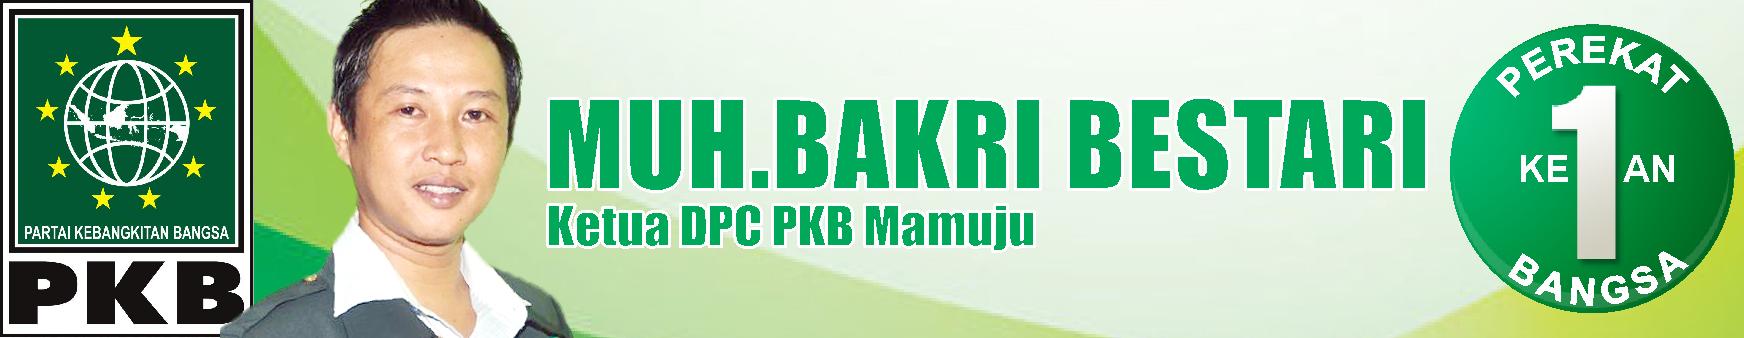 banner 900x90